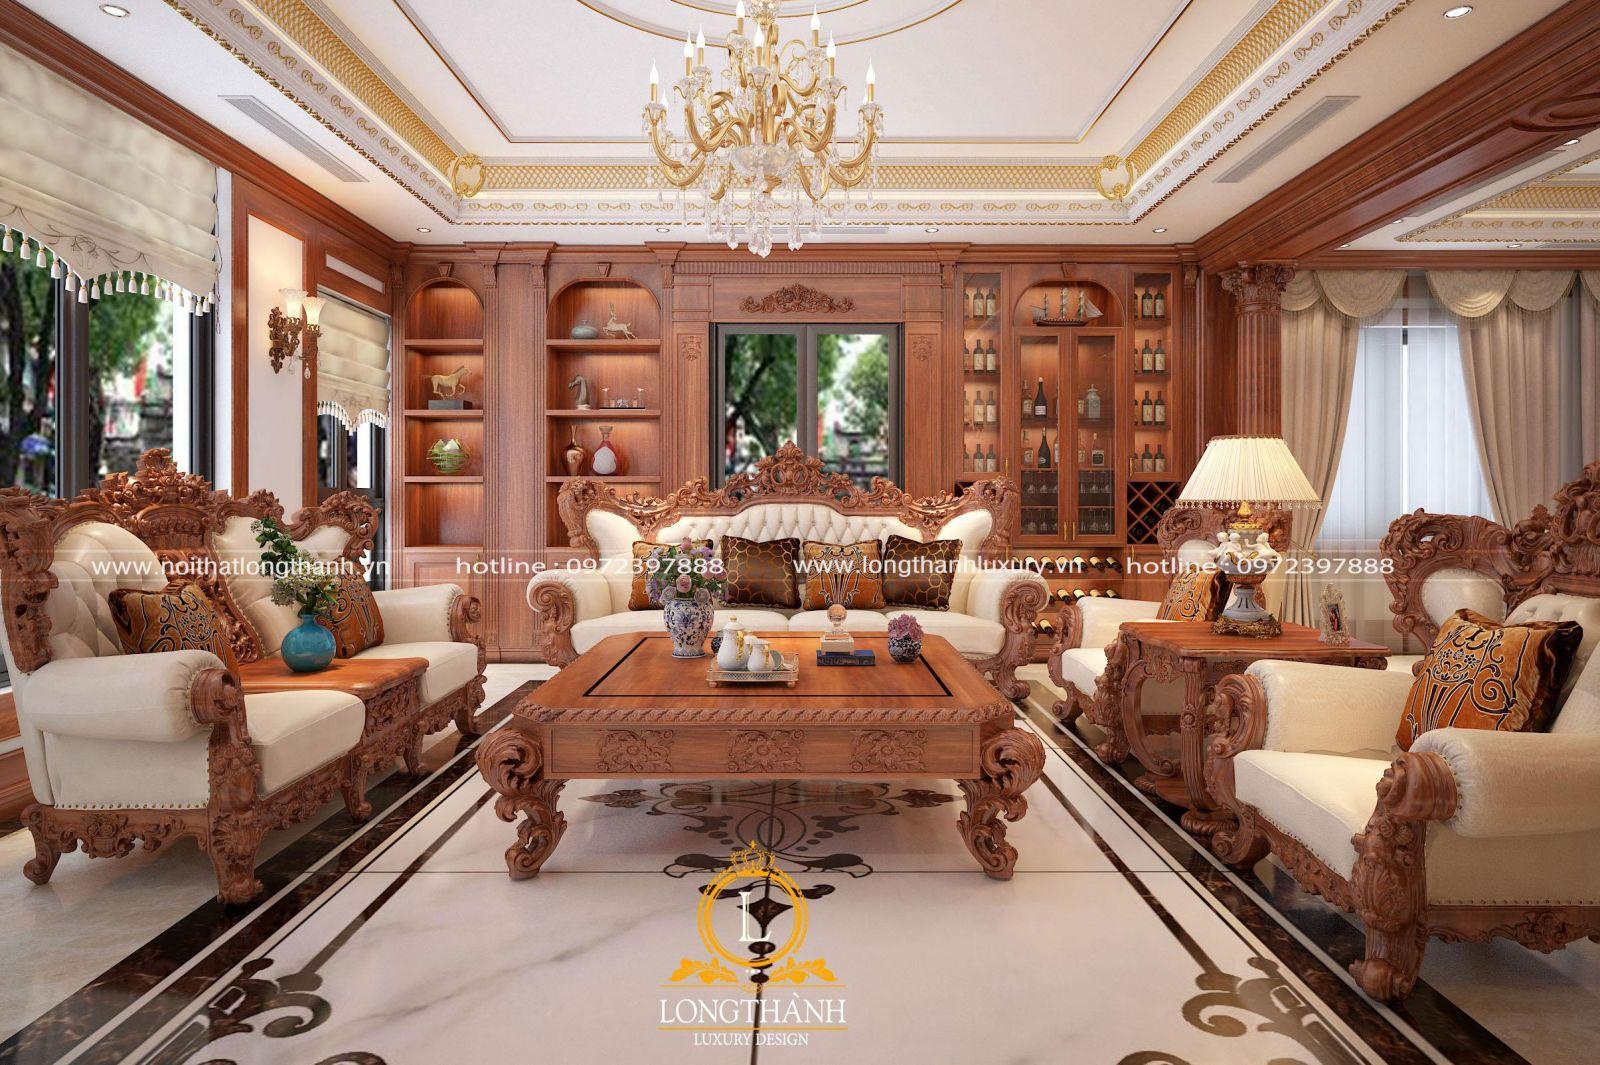 Nội thất cho phòng khách tân cổ điển sang trọng